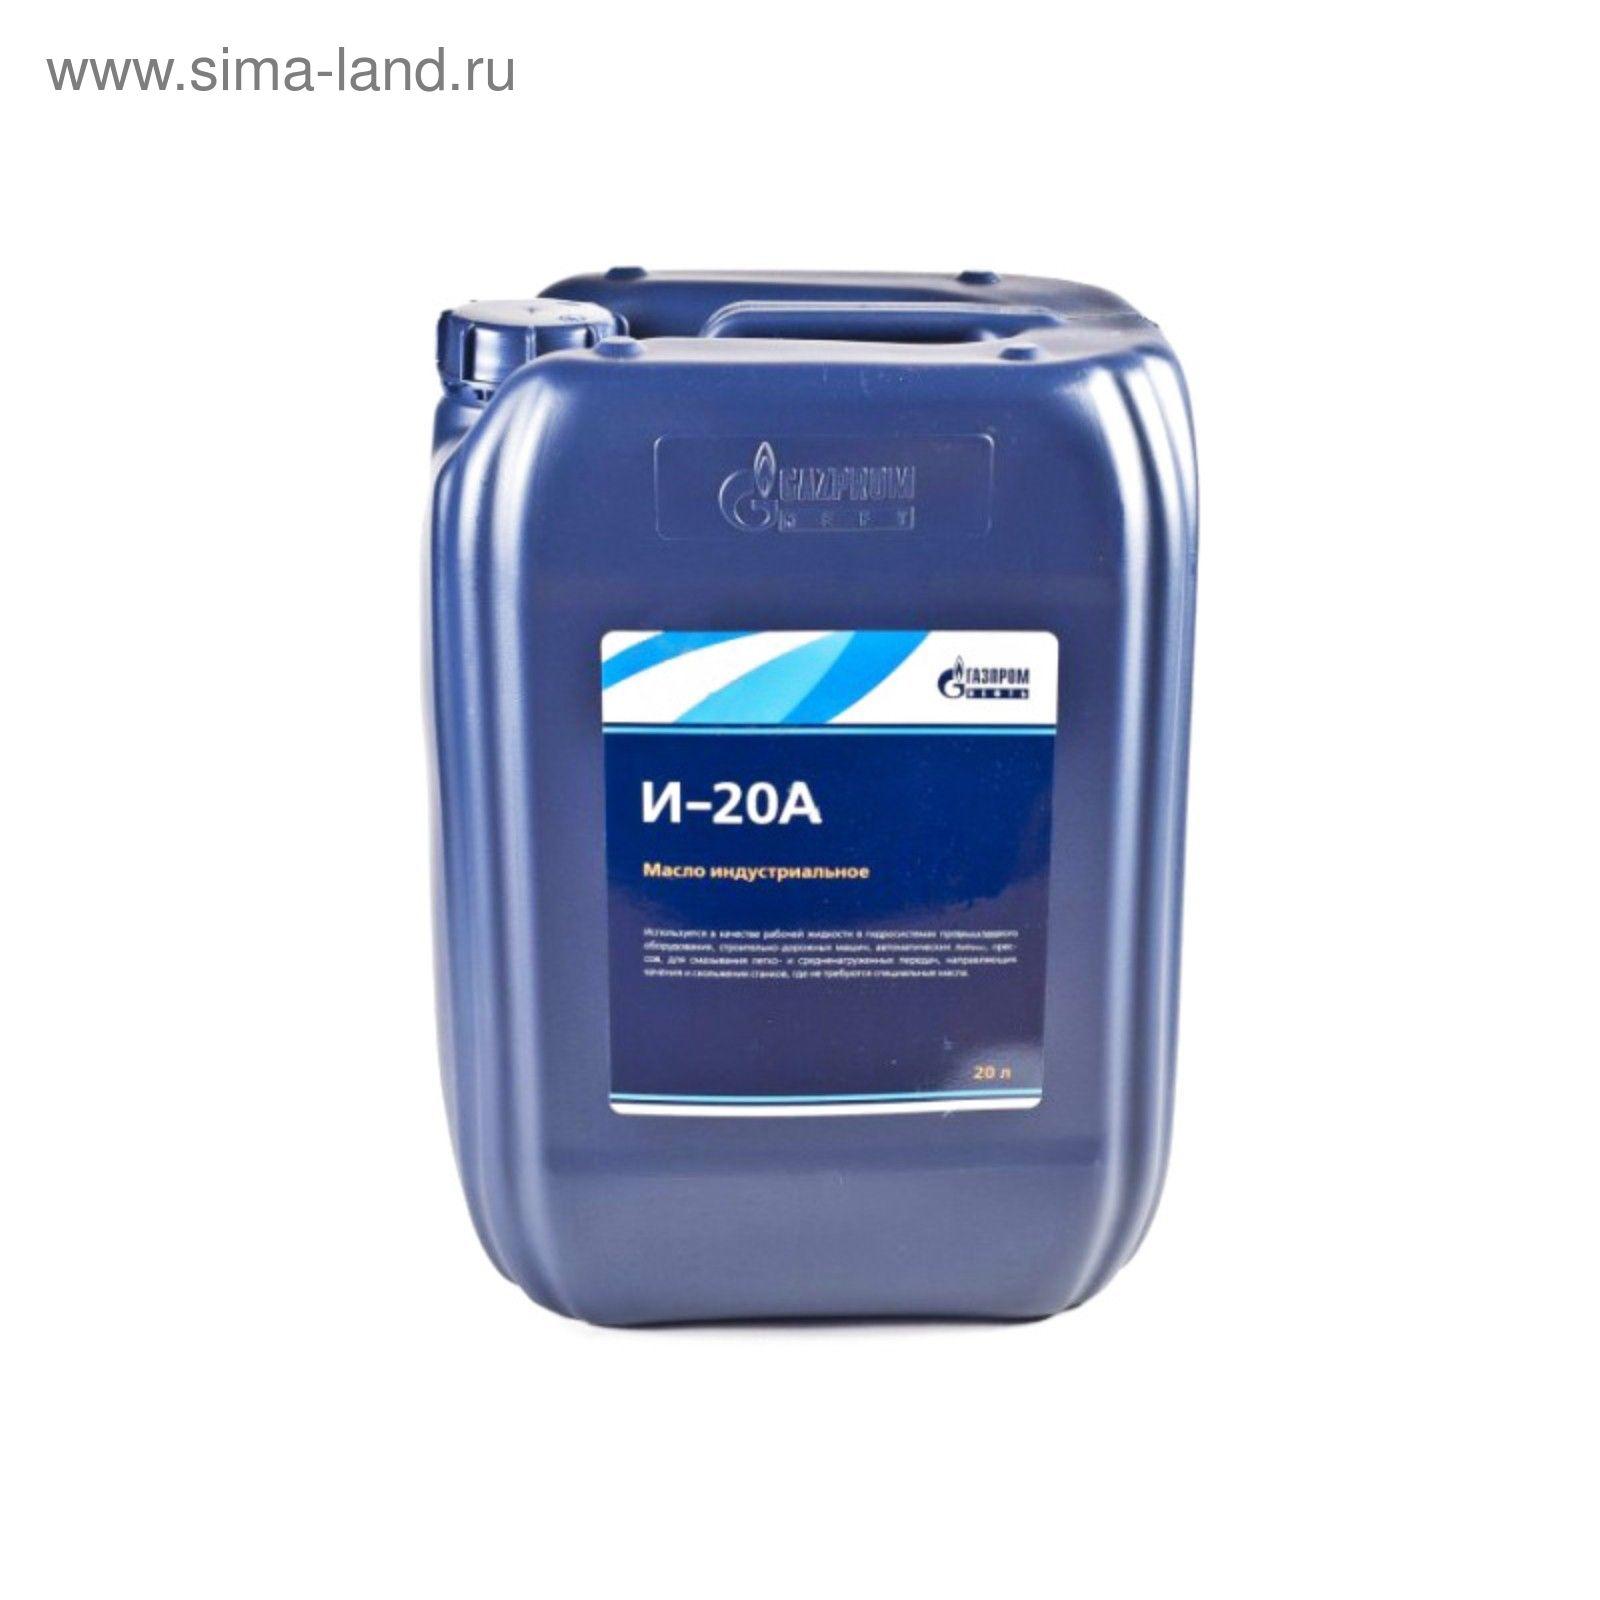 d71e165e5 Масло идустриальное Gazpromneft И-20А, 20 л (1412651) - Купить по ...